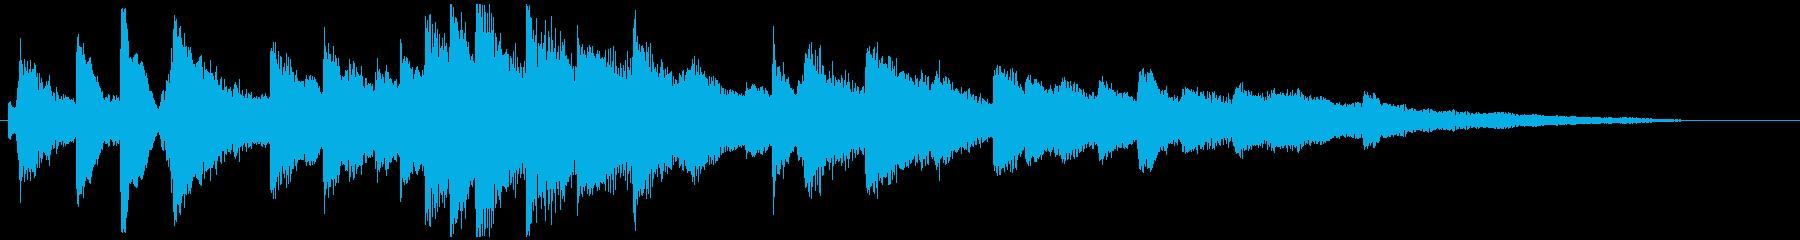 繊細なメロウな ピアノのジングル 20秒の再生済みの波形